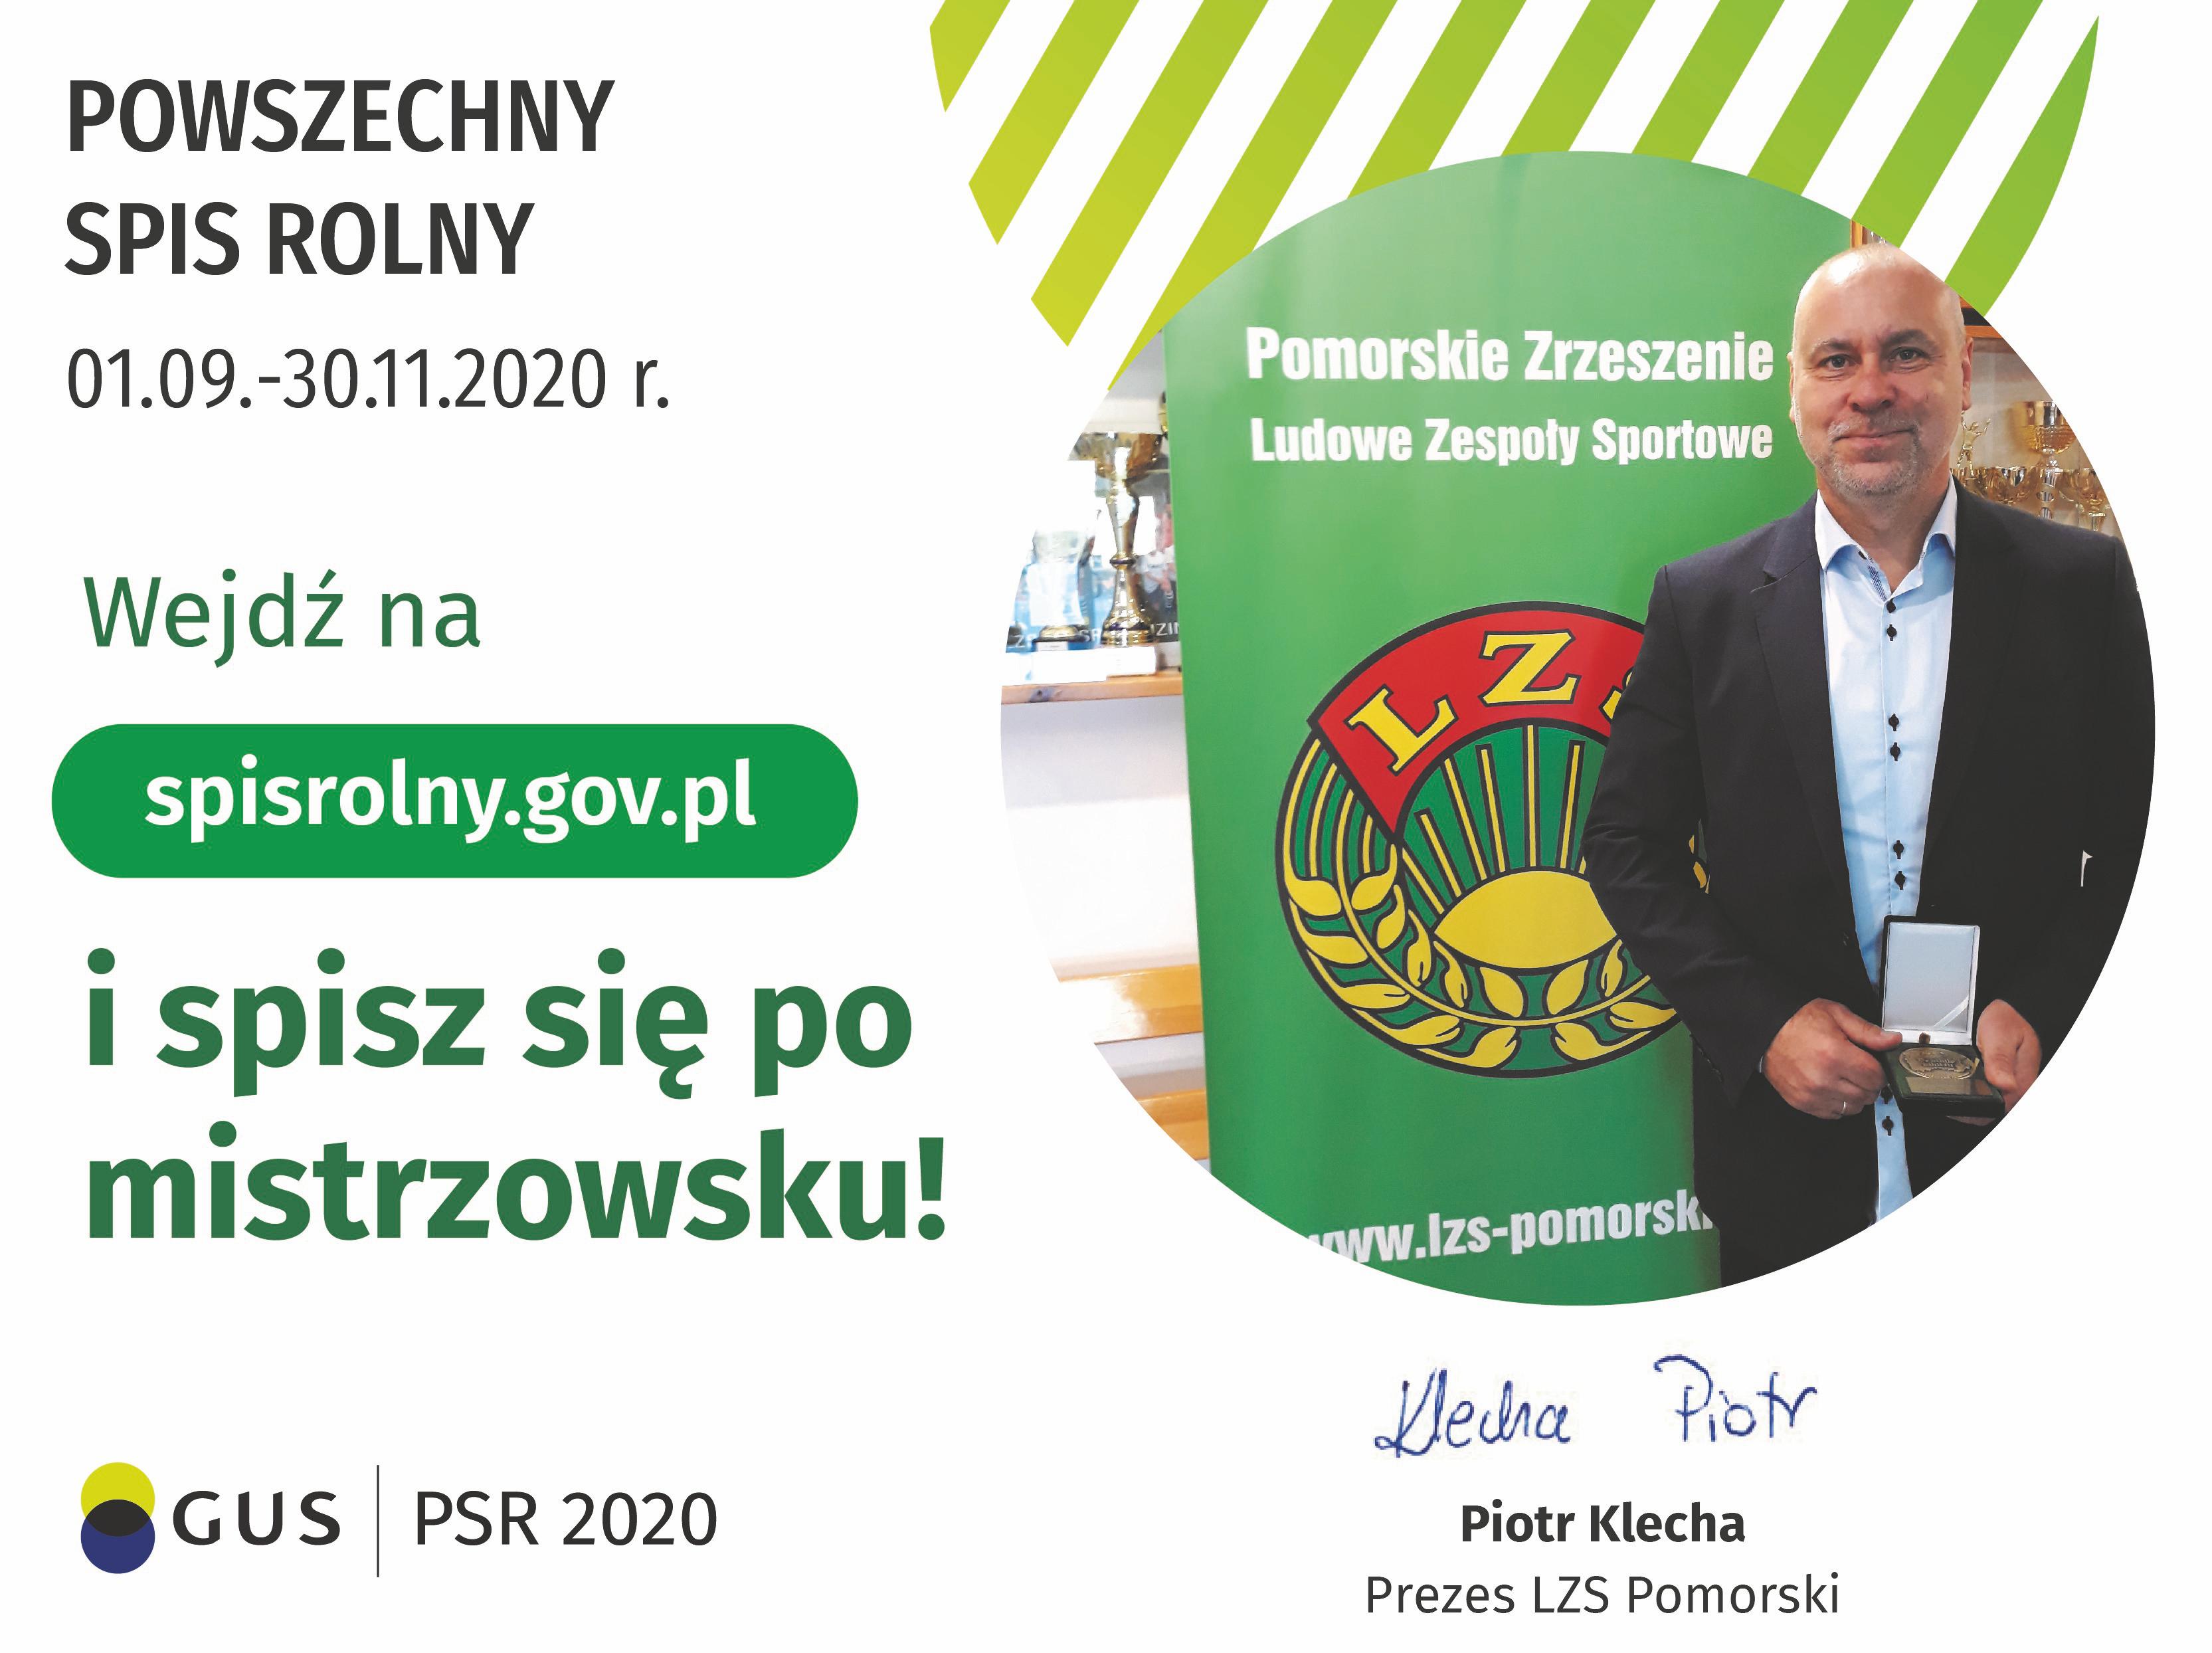 piotr_klecha_prostokatnypng [3330x2488]